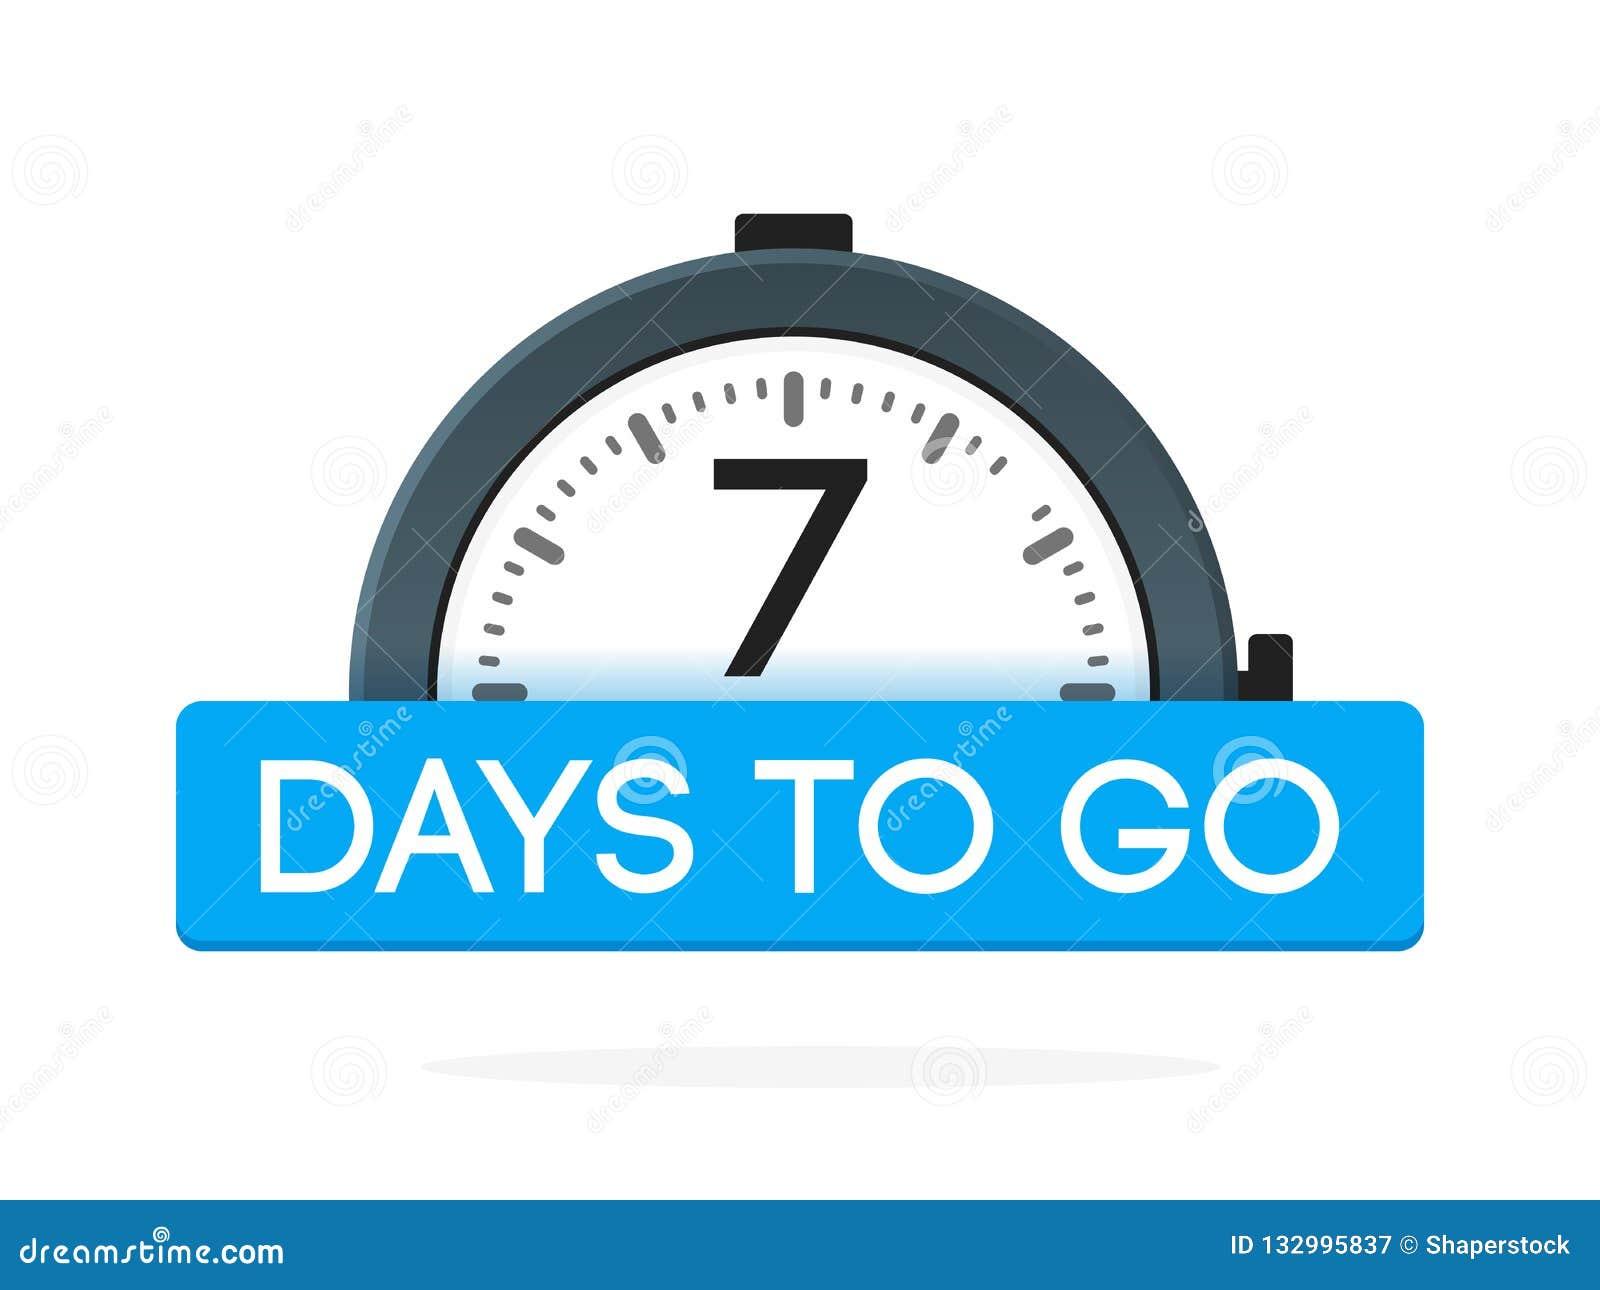 De siete días para ir etiqueta, plano del despertador con la cinta azul, icono de la promoción, el mejor illustretion del vector